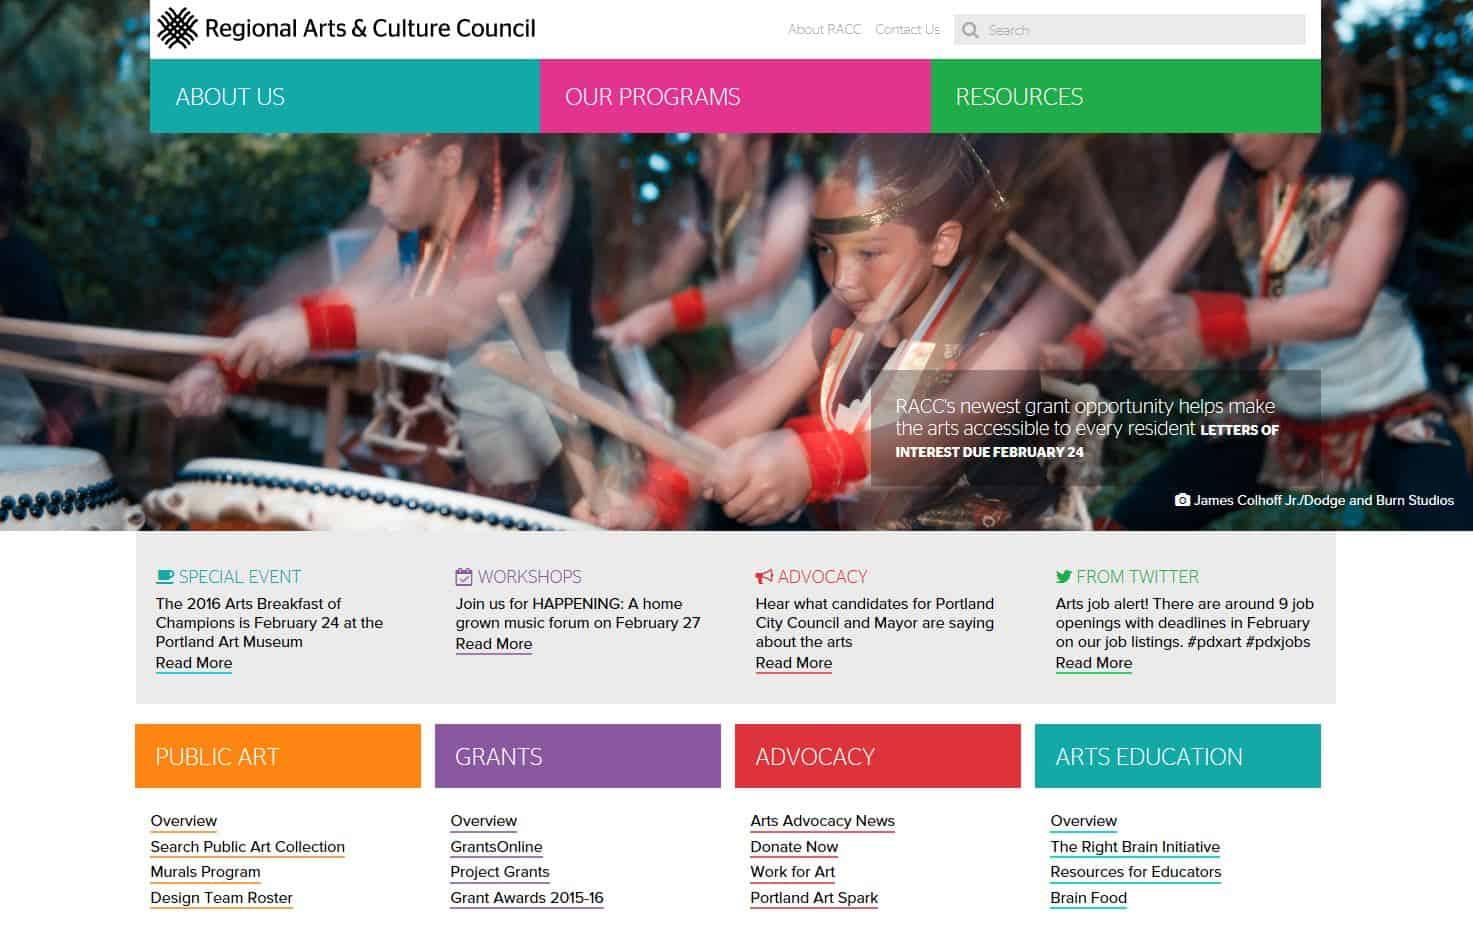 NewWebsite screenshot